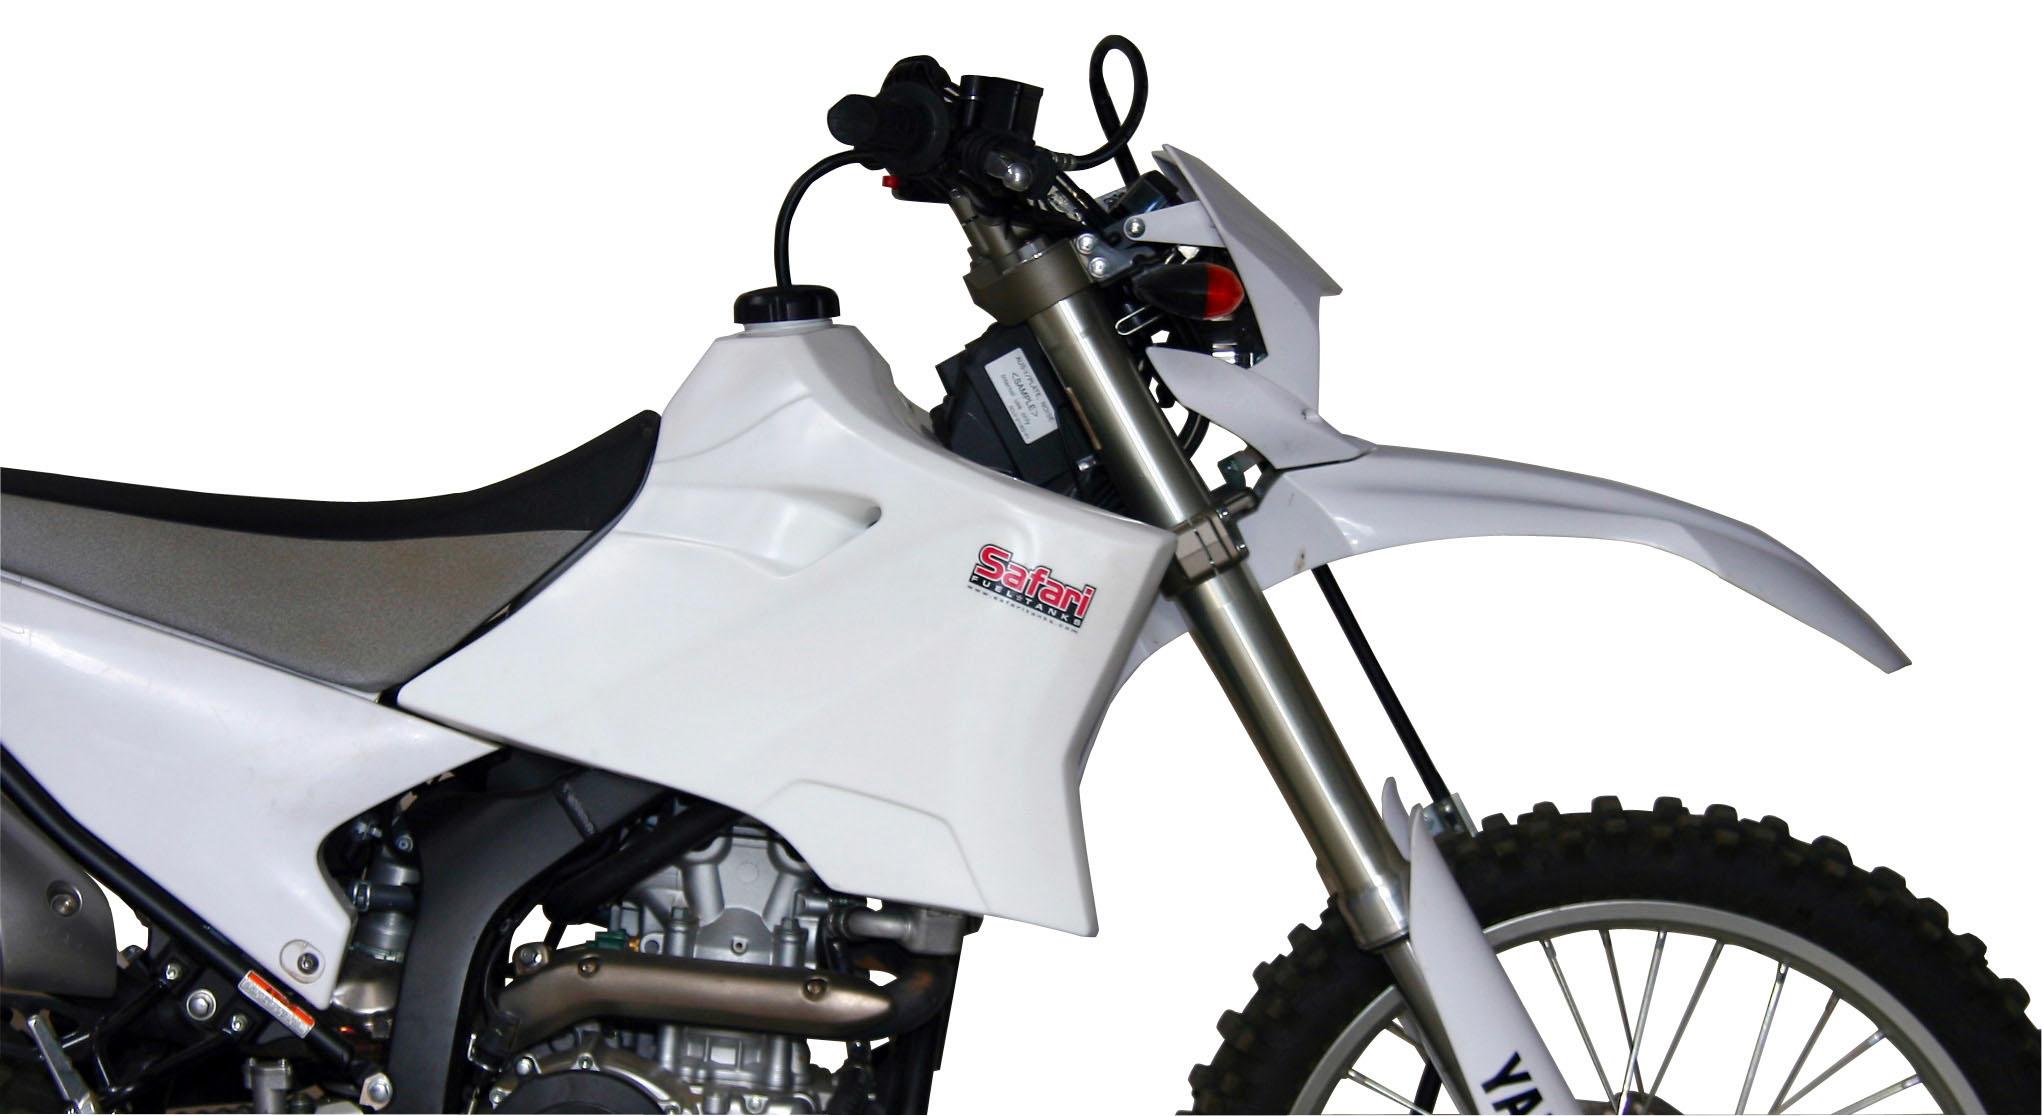 E Ef Cc on Yamaha Wr450f Dual Sport Kit